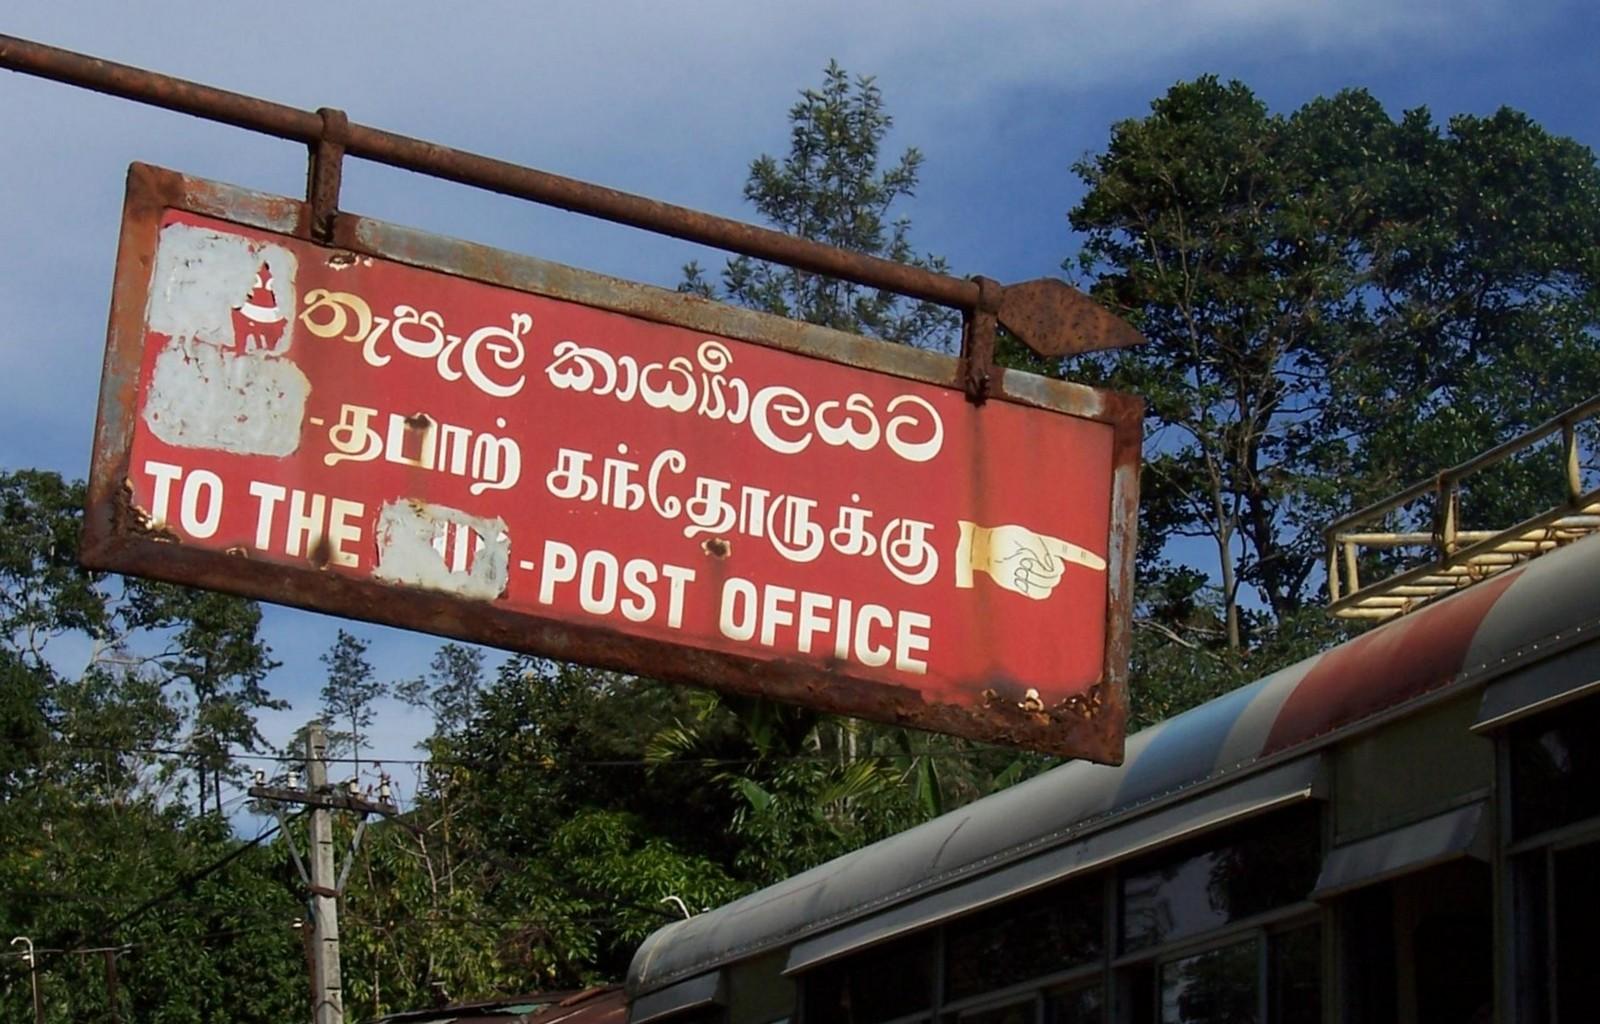 Wegweiser zum Postamt in Ella